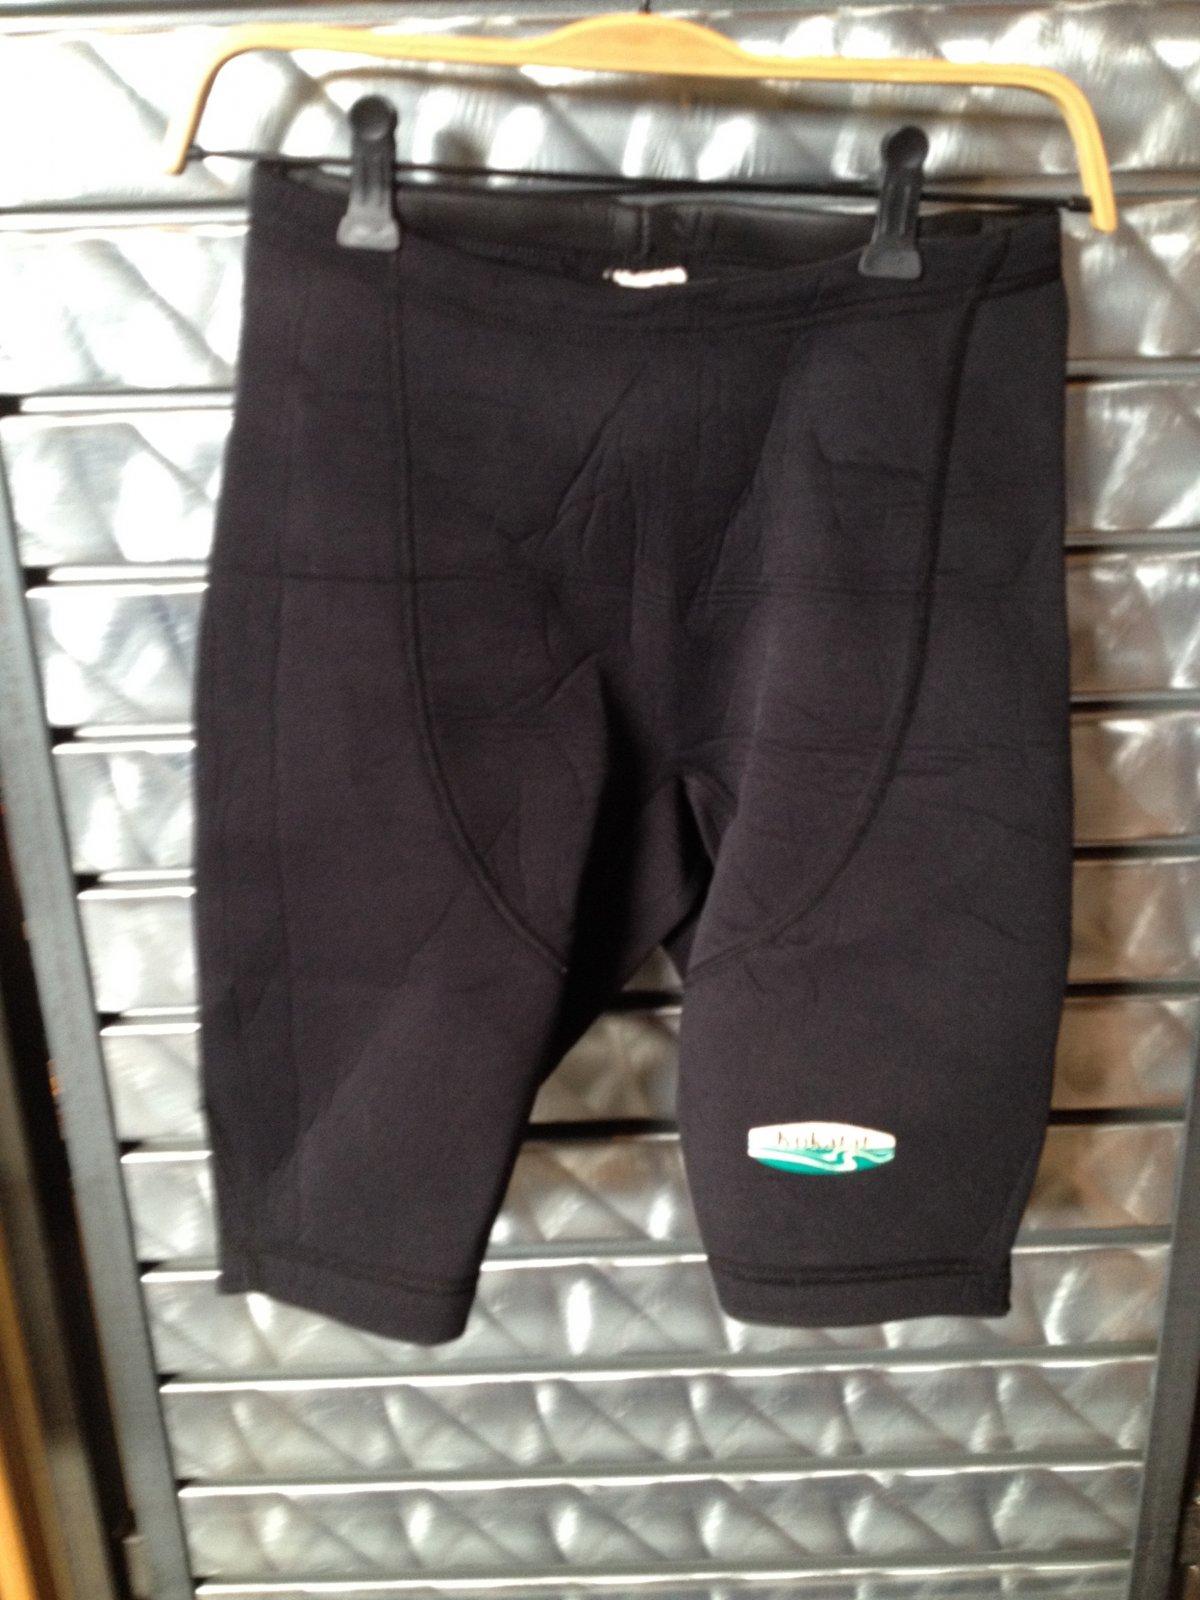 Consign - Women's Kokatat Short, Size Medium